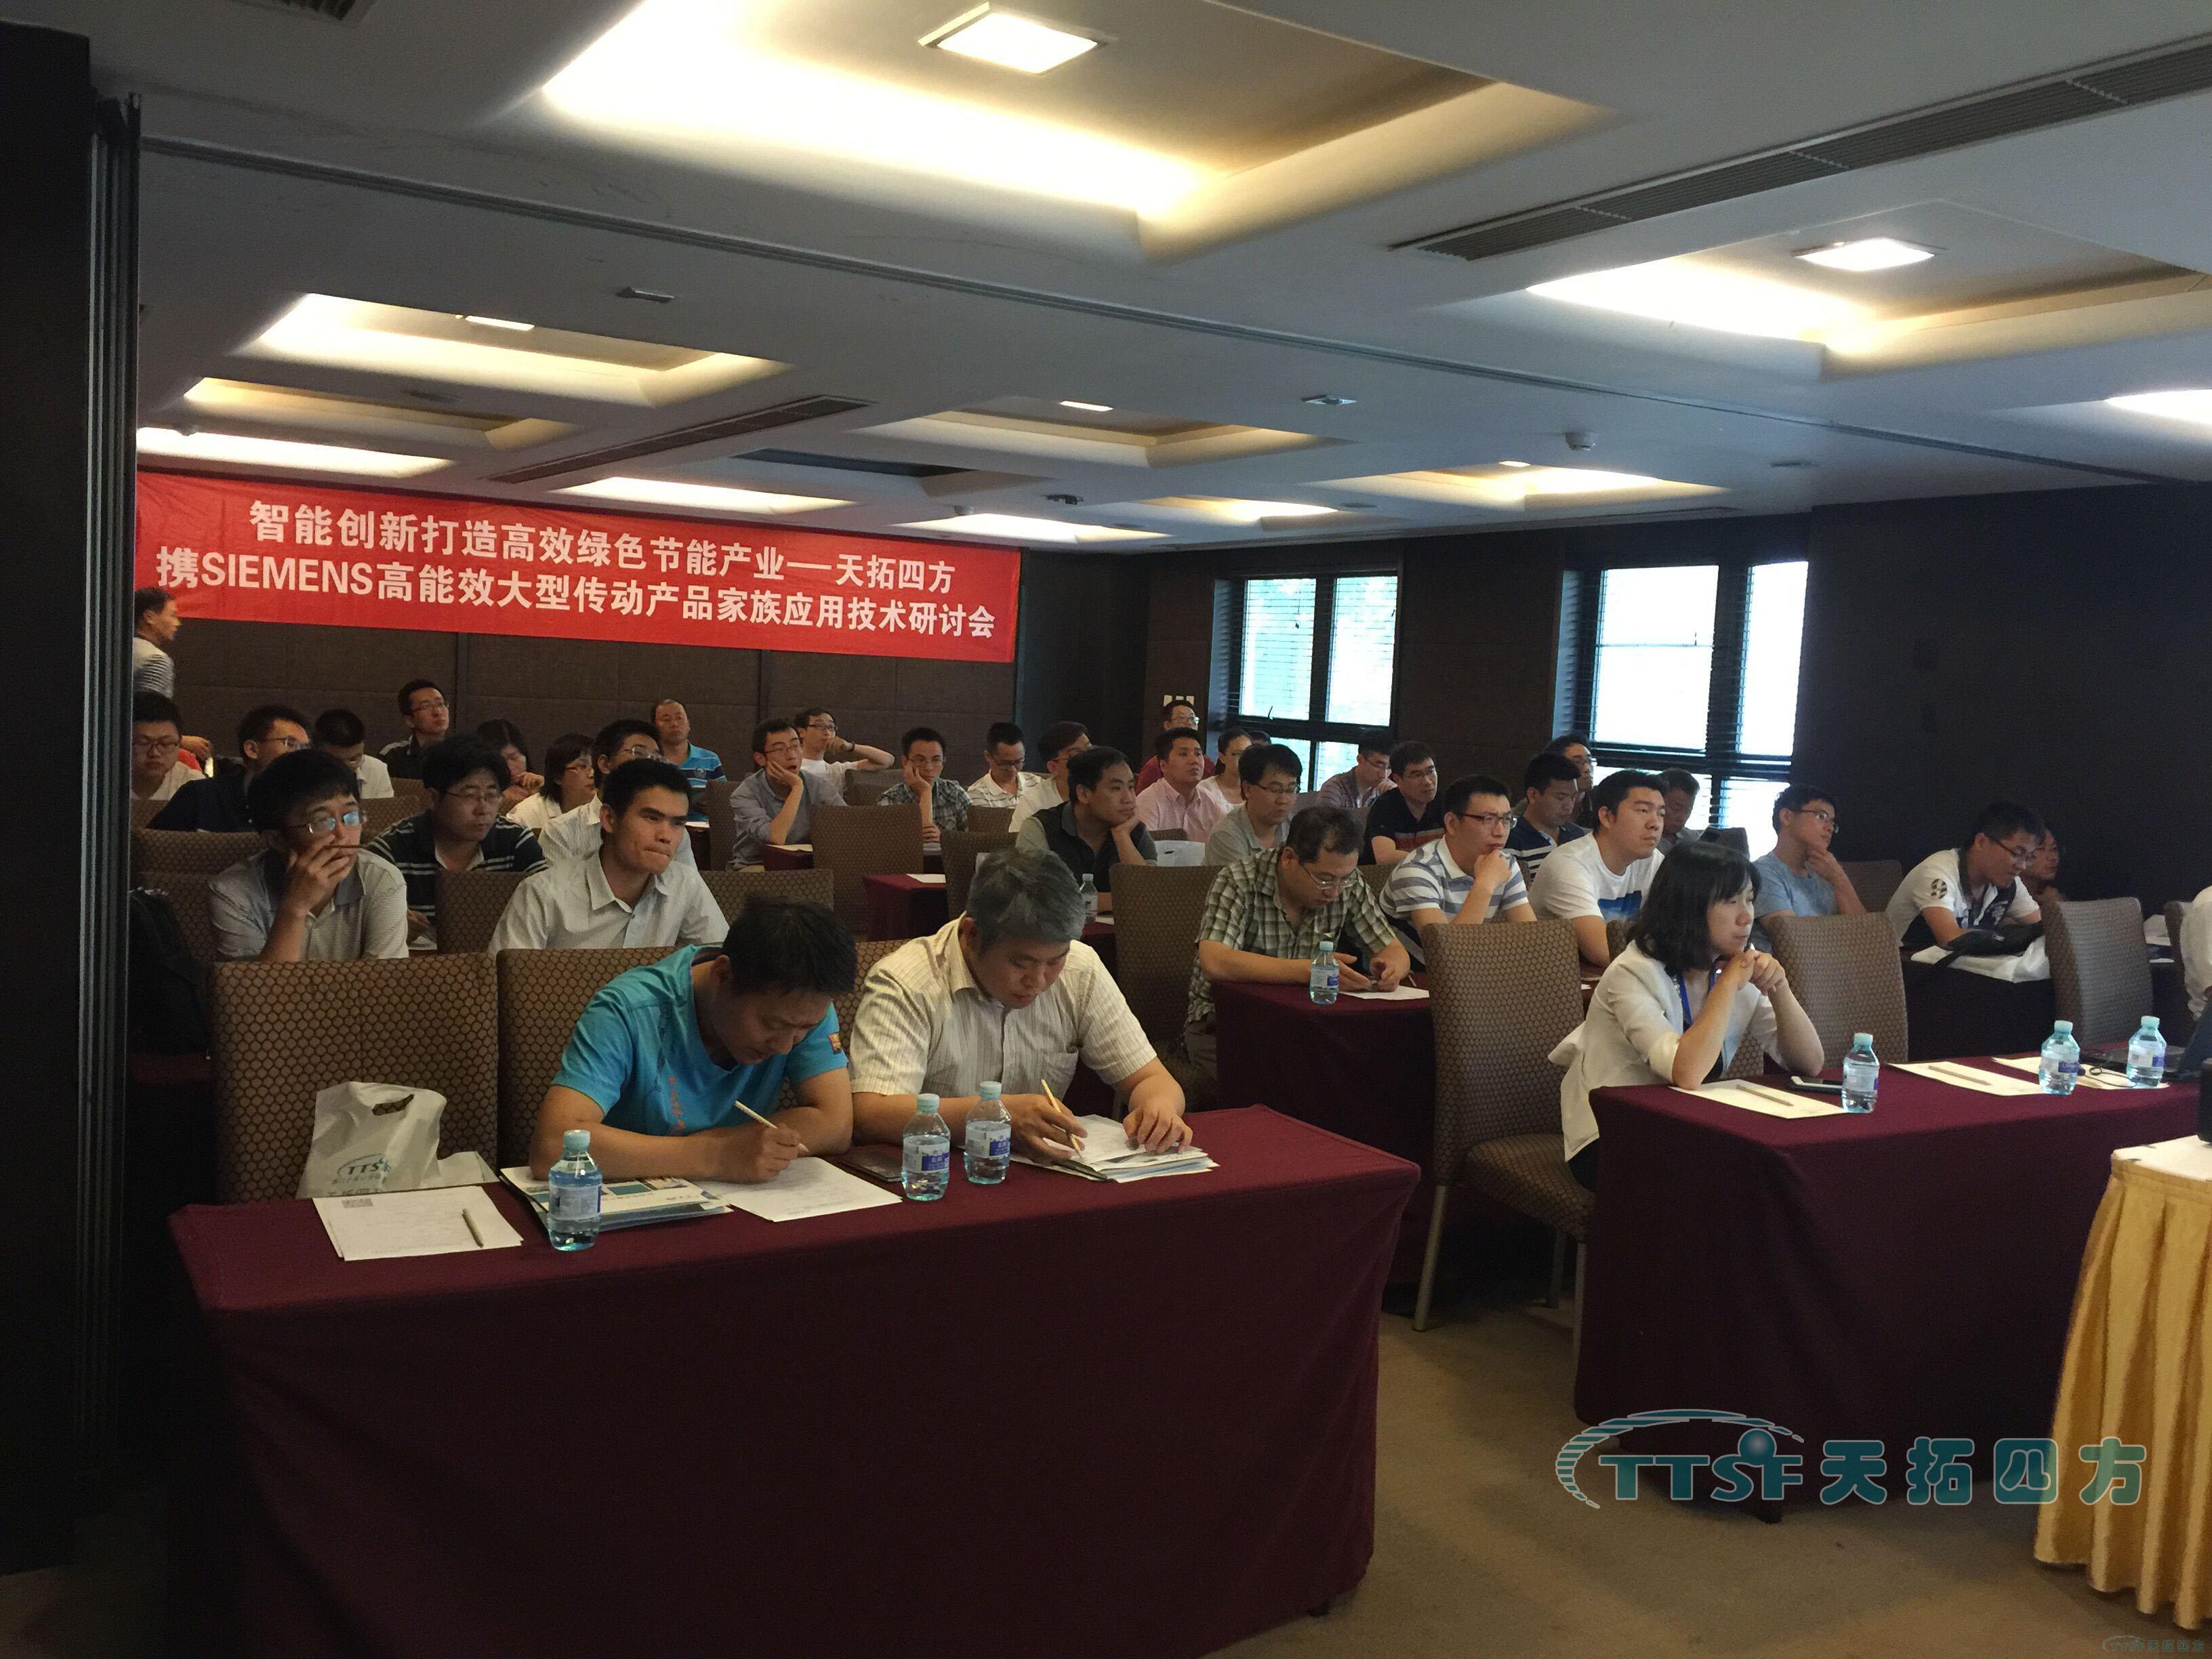 天拓四方智能创新打造高效绿色节能产业技术研讨会在京成功举办